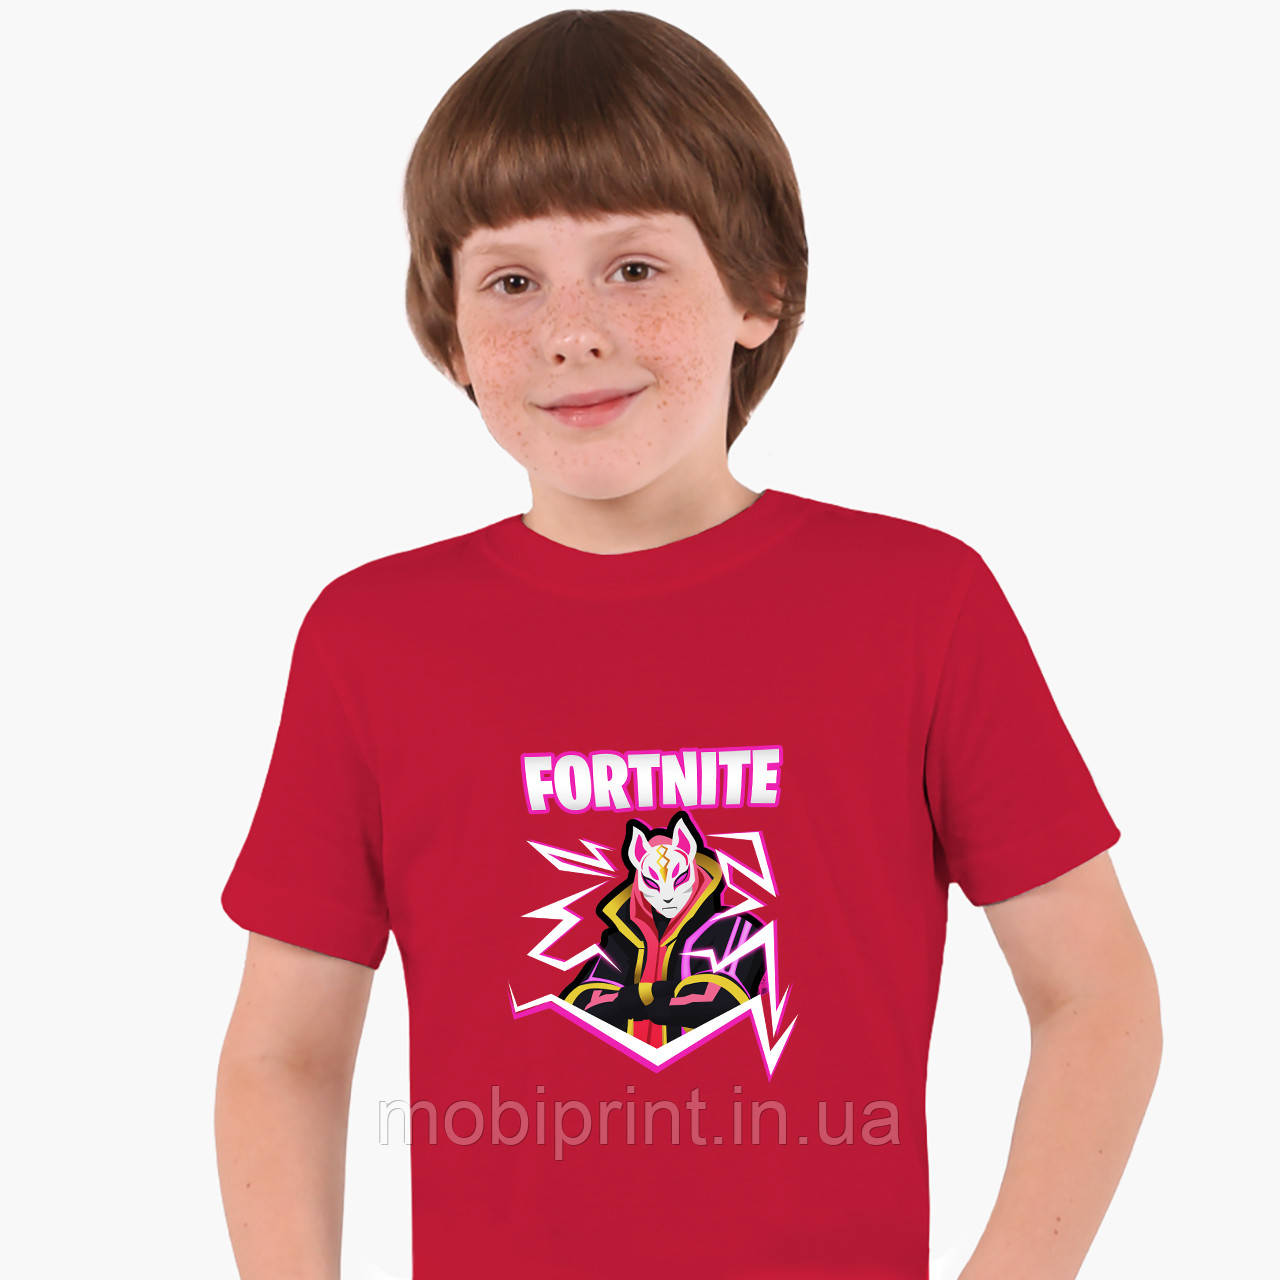 Детская футболка для мальчиков Фортнайт (Fortnite) (25186-1189) Красный